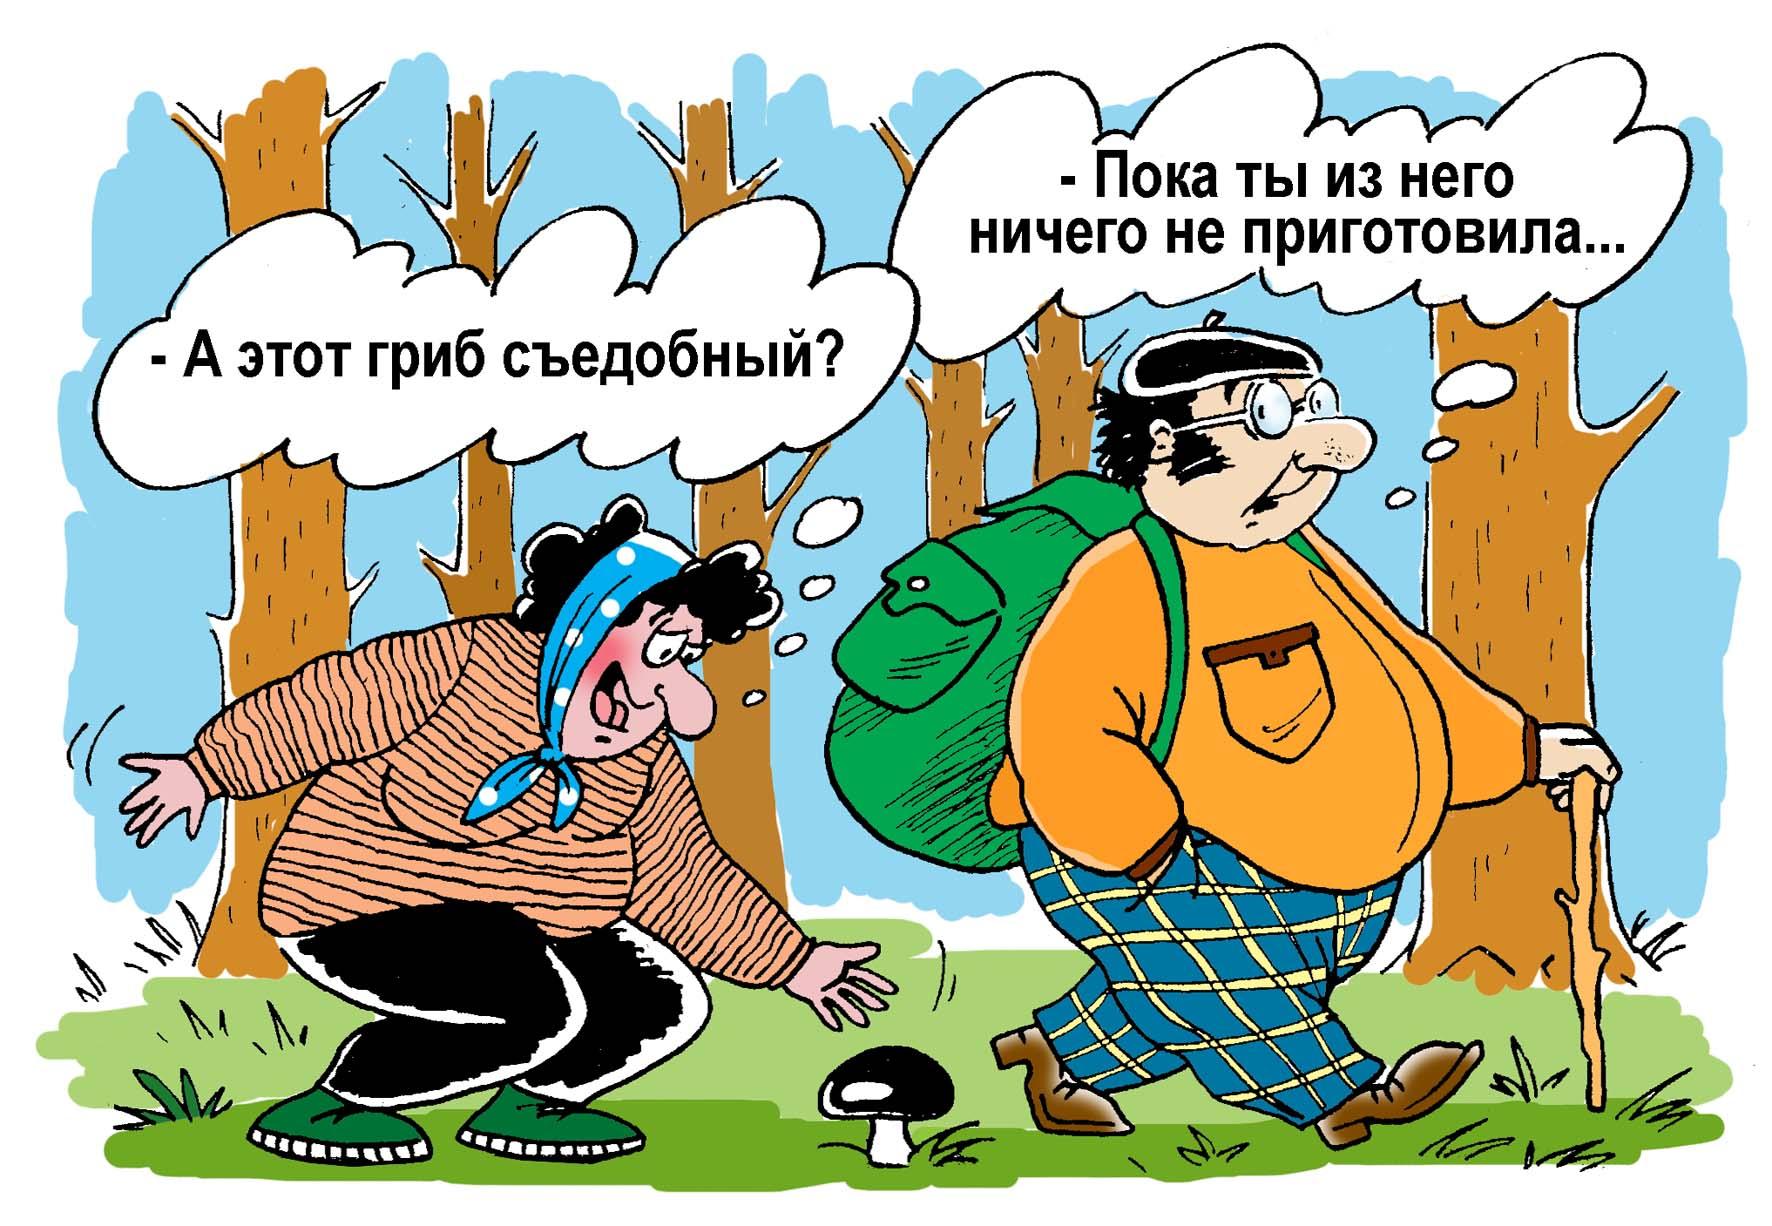 Прикольные Анекдоты Про Картинках